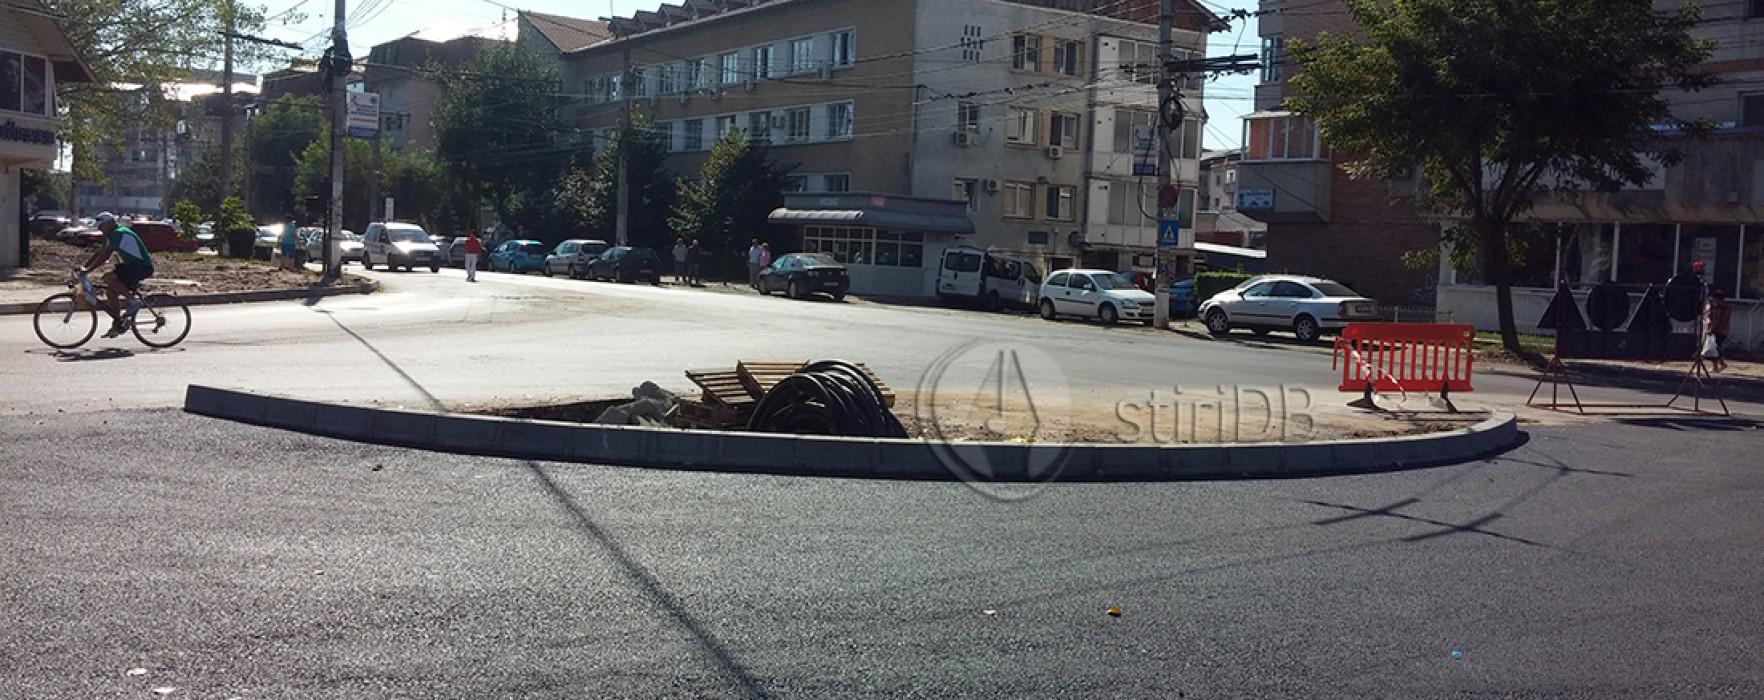 Târgovişte: Sensul giratoriu de la Compania de Apă va fi gata în octombrie